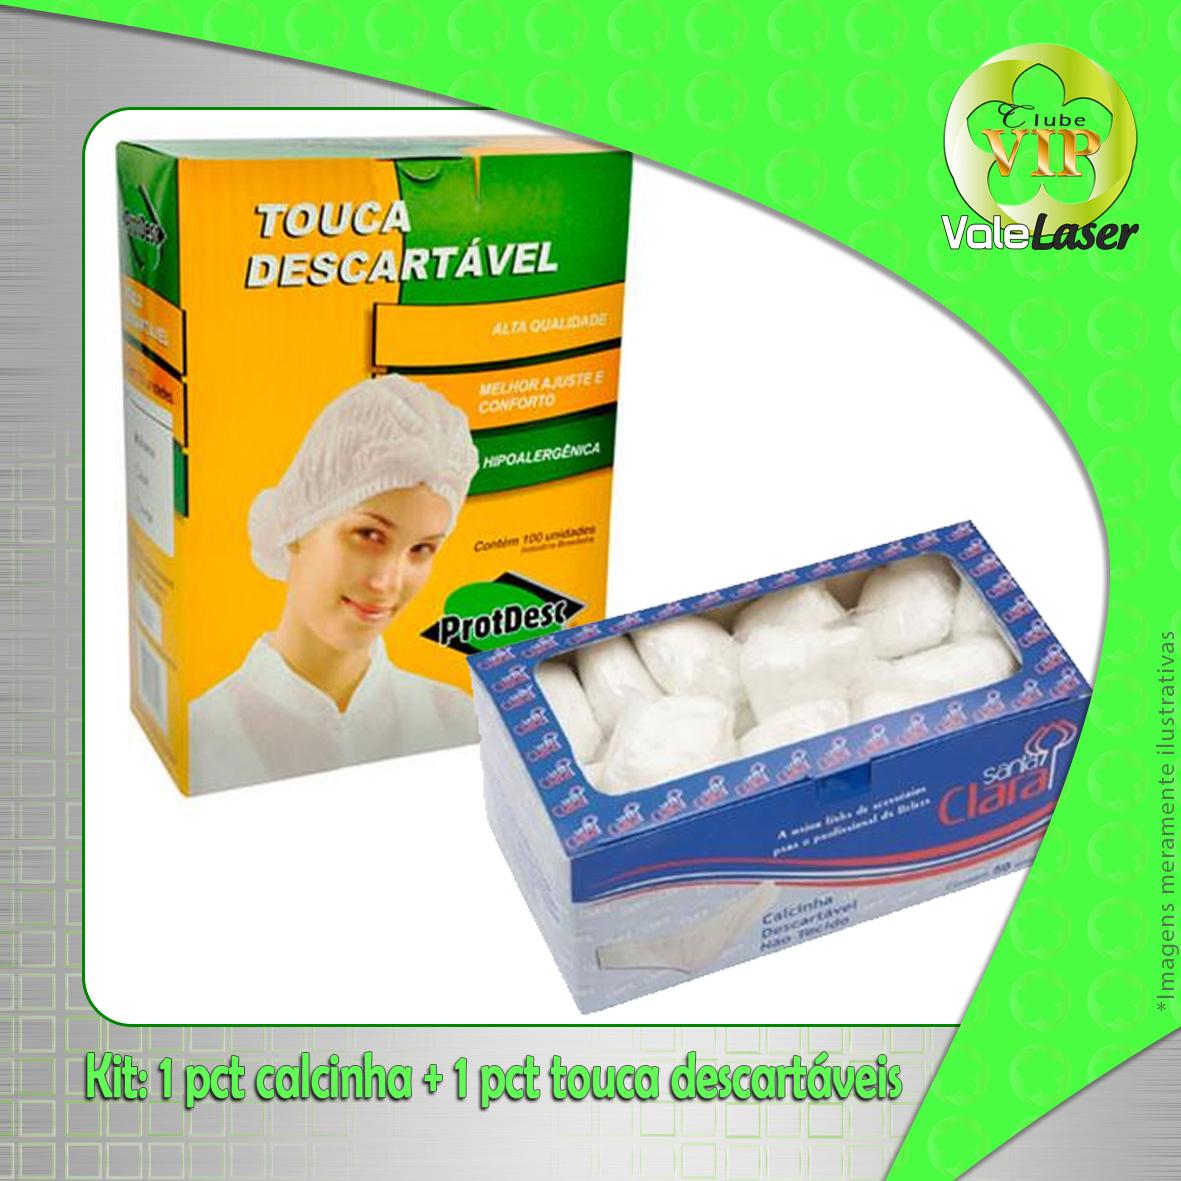 Kit 1 pct calcinha descartável + touca descartável